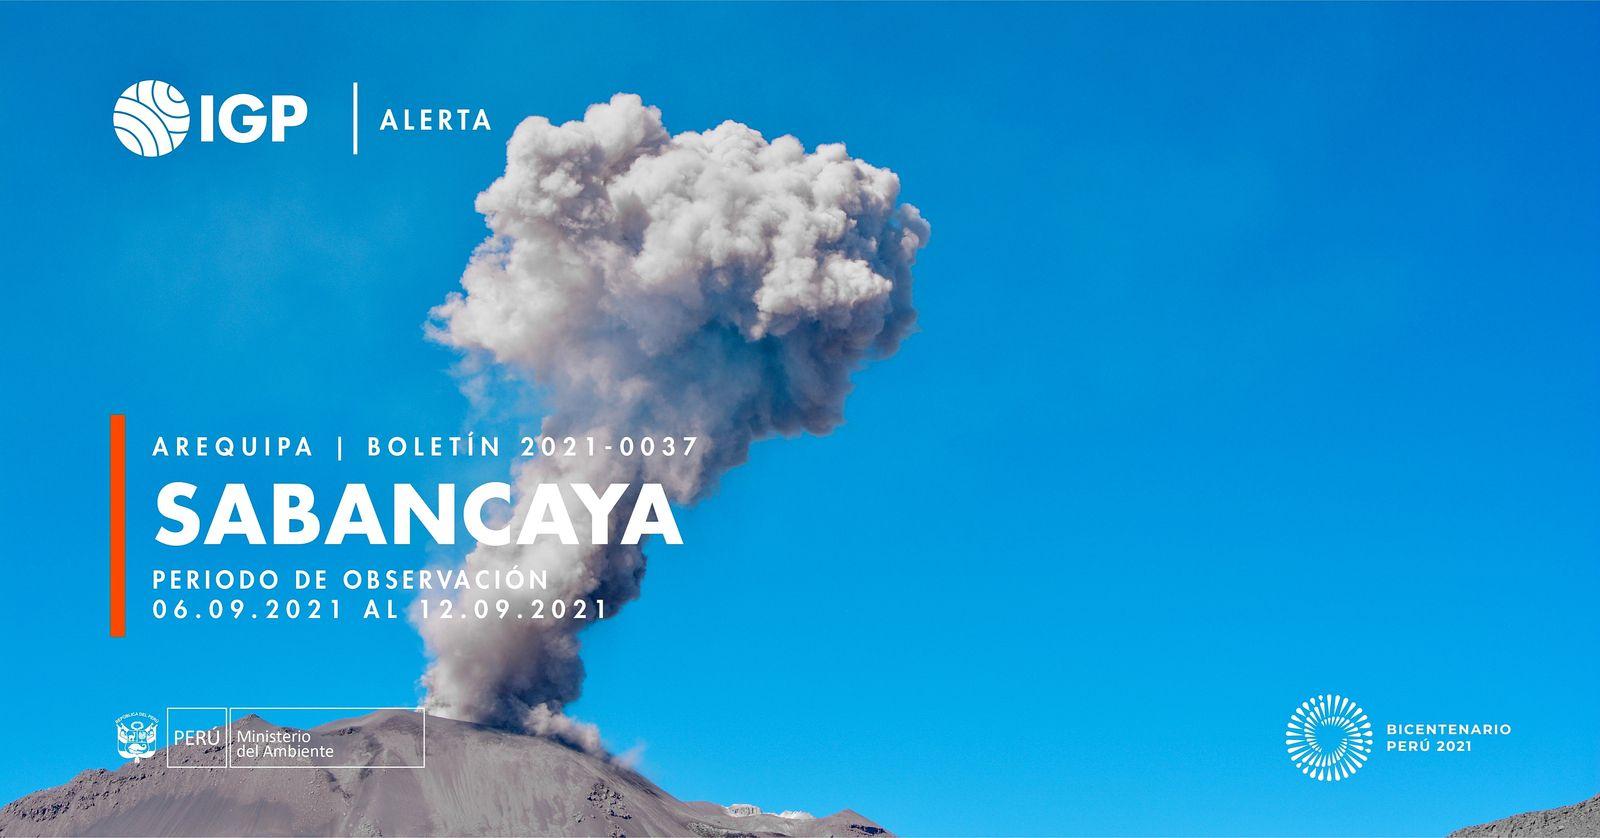 Sabancaya - rapport de l'IGPeru pour la semaine du 6 au 12.09.2021